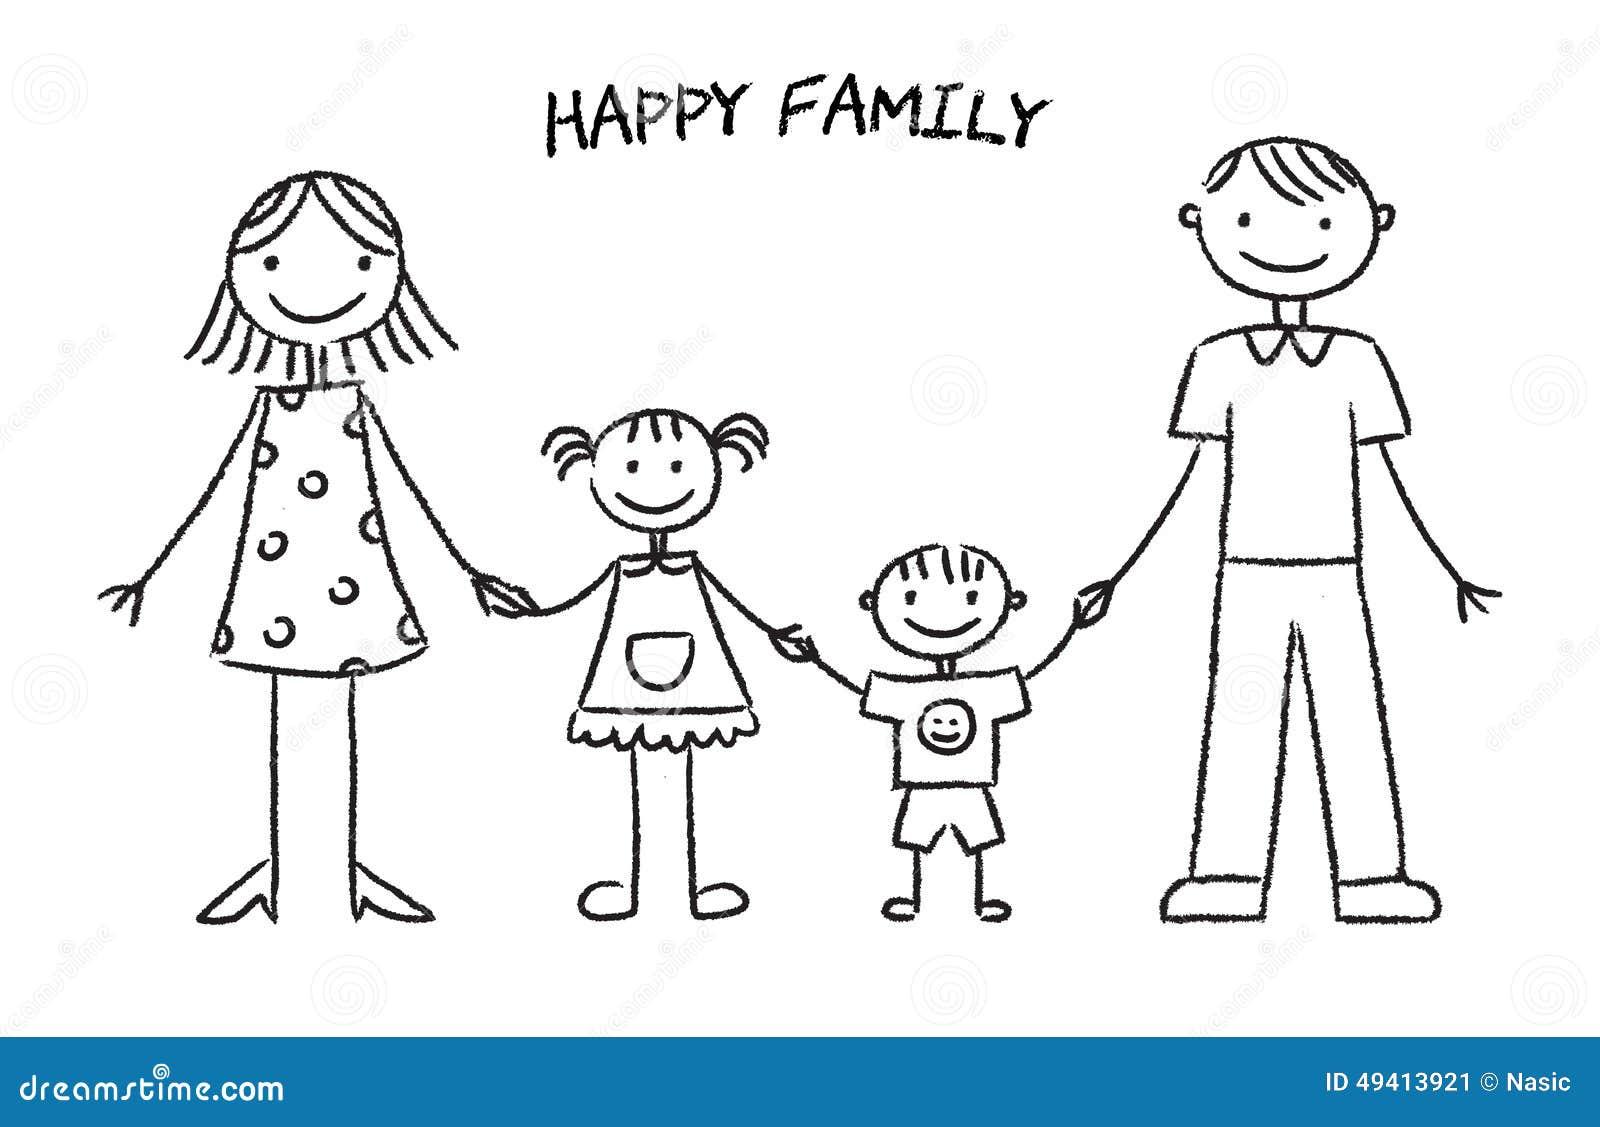 Download Glückliche Familien-Skizze vektor abbildung. Illustration von gestikulieren - 49413921